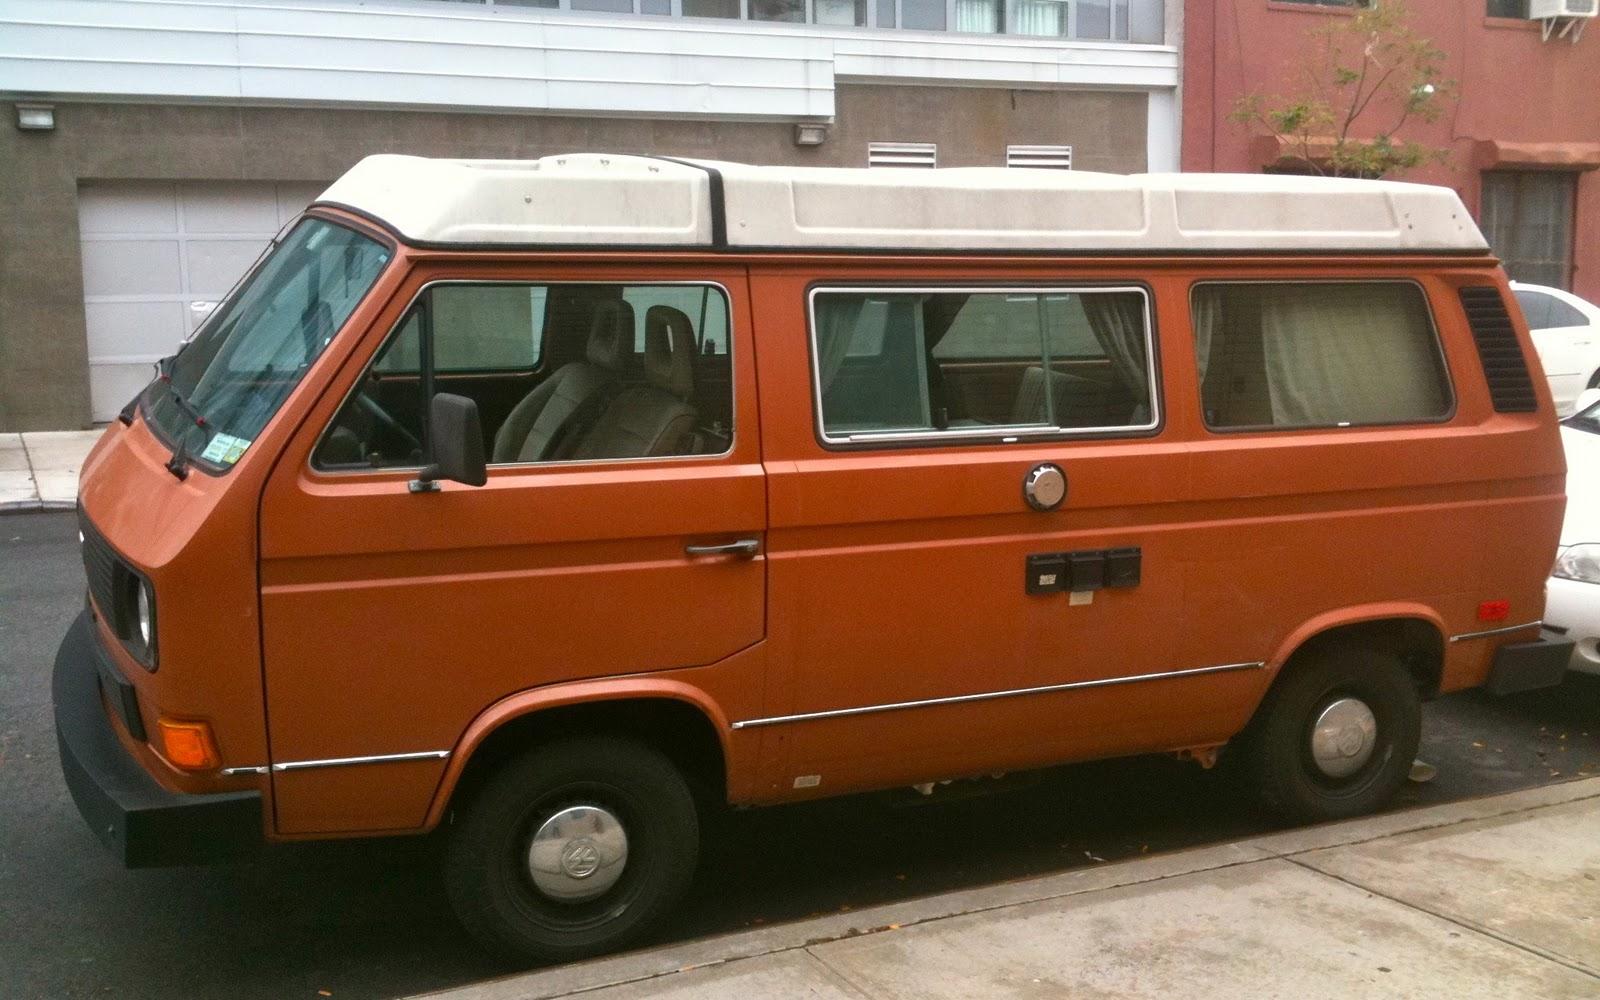 The Street Peep 1980 Volkswagen Vanagon Turbo Diesel